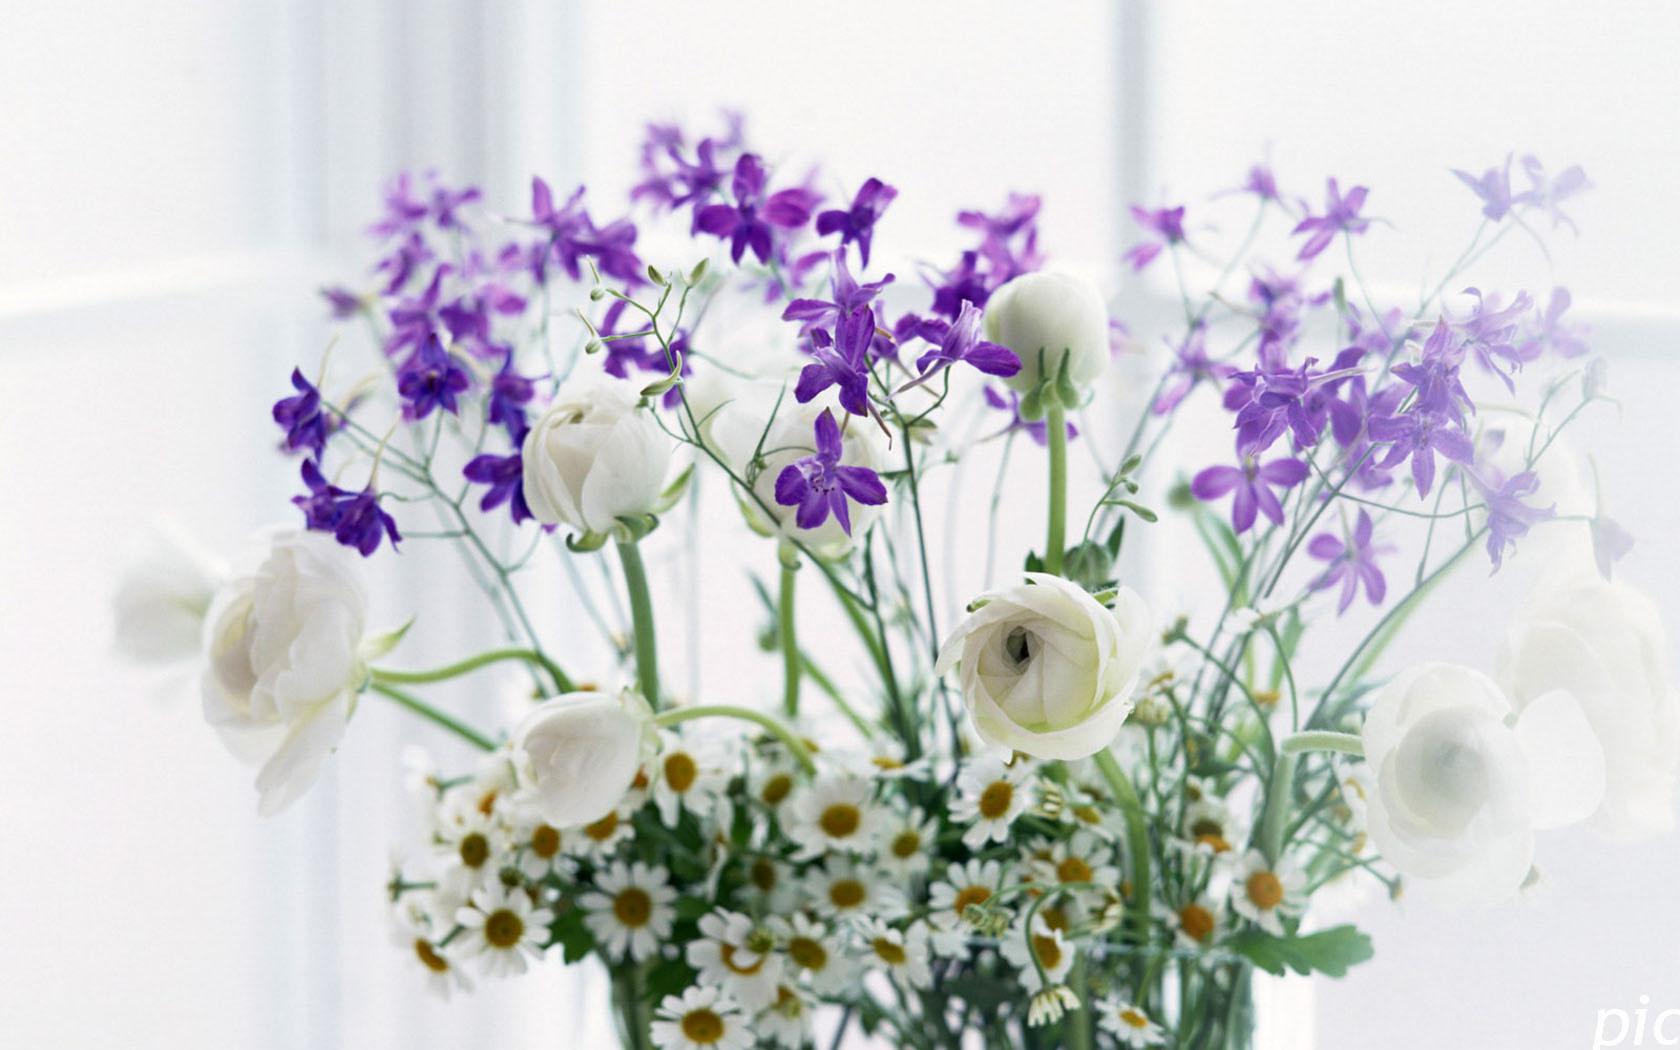 Бесплатные обои на рабочий стол скачать бесплатно полевые цветы 17